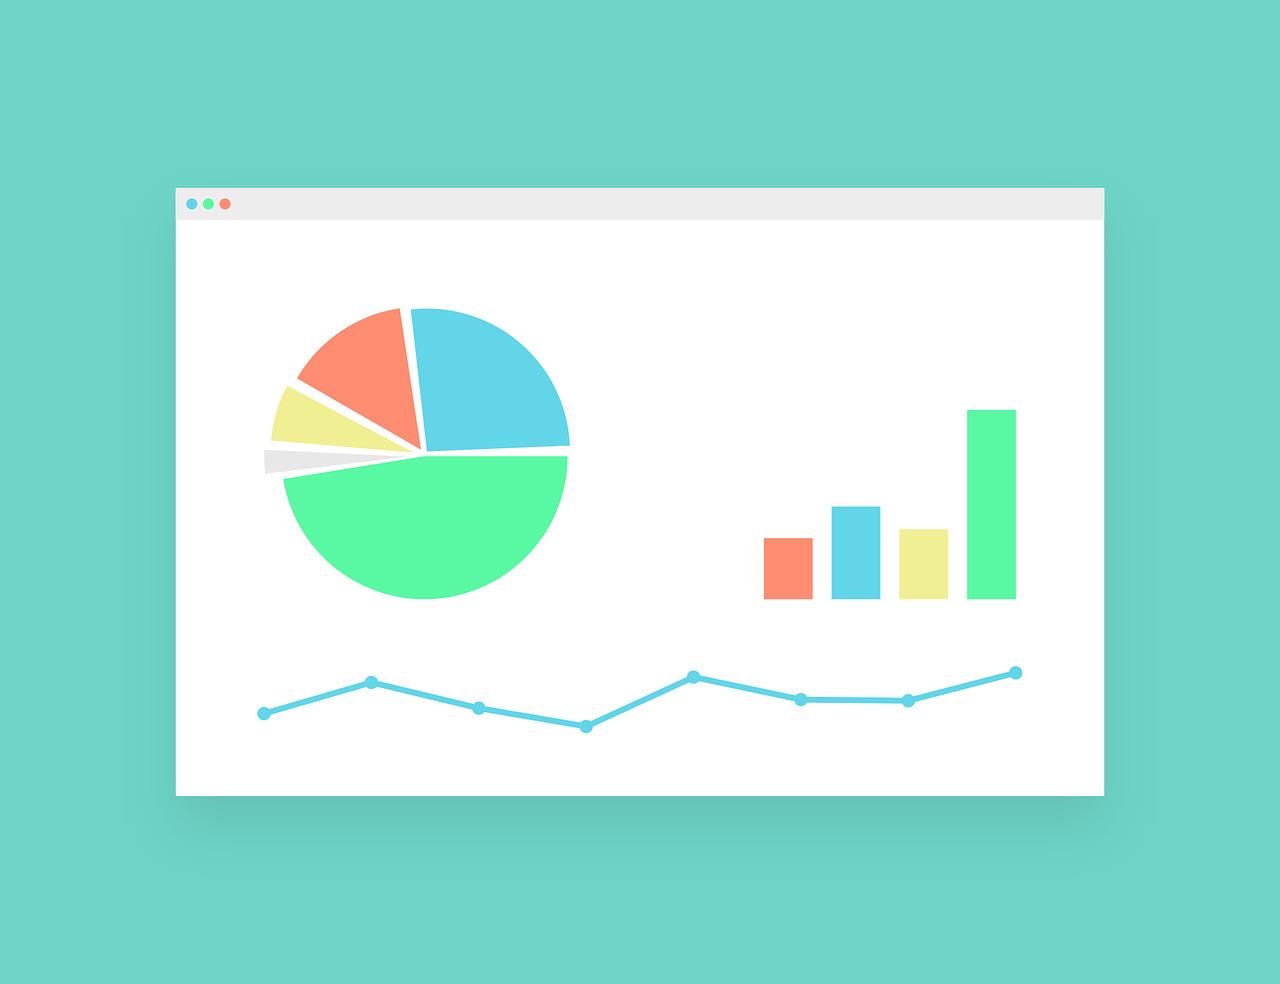 【Excel】関数の教科書【基礎〜上級:17記事で解説】